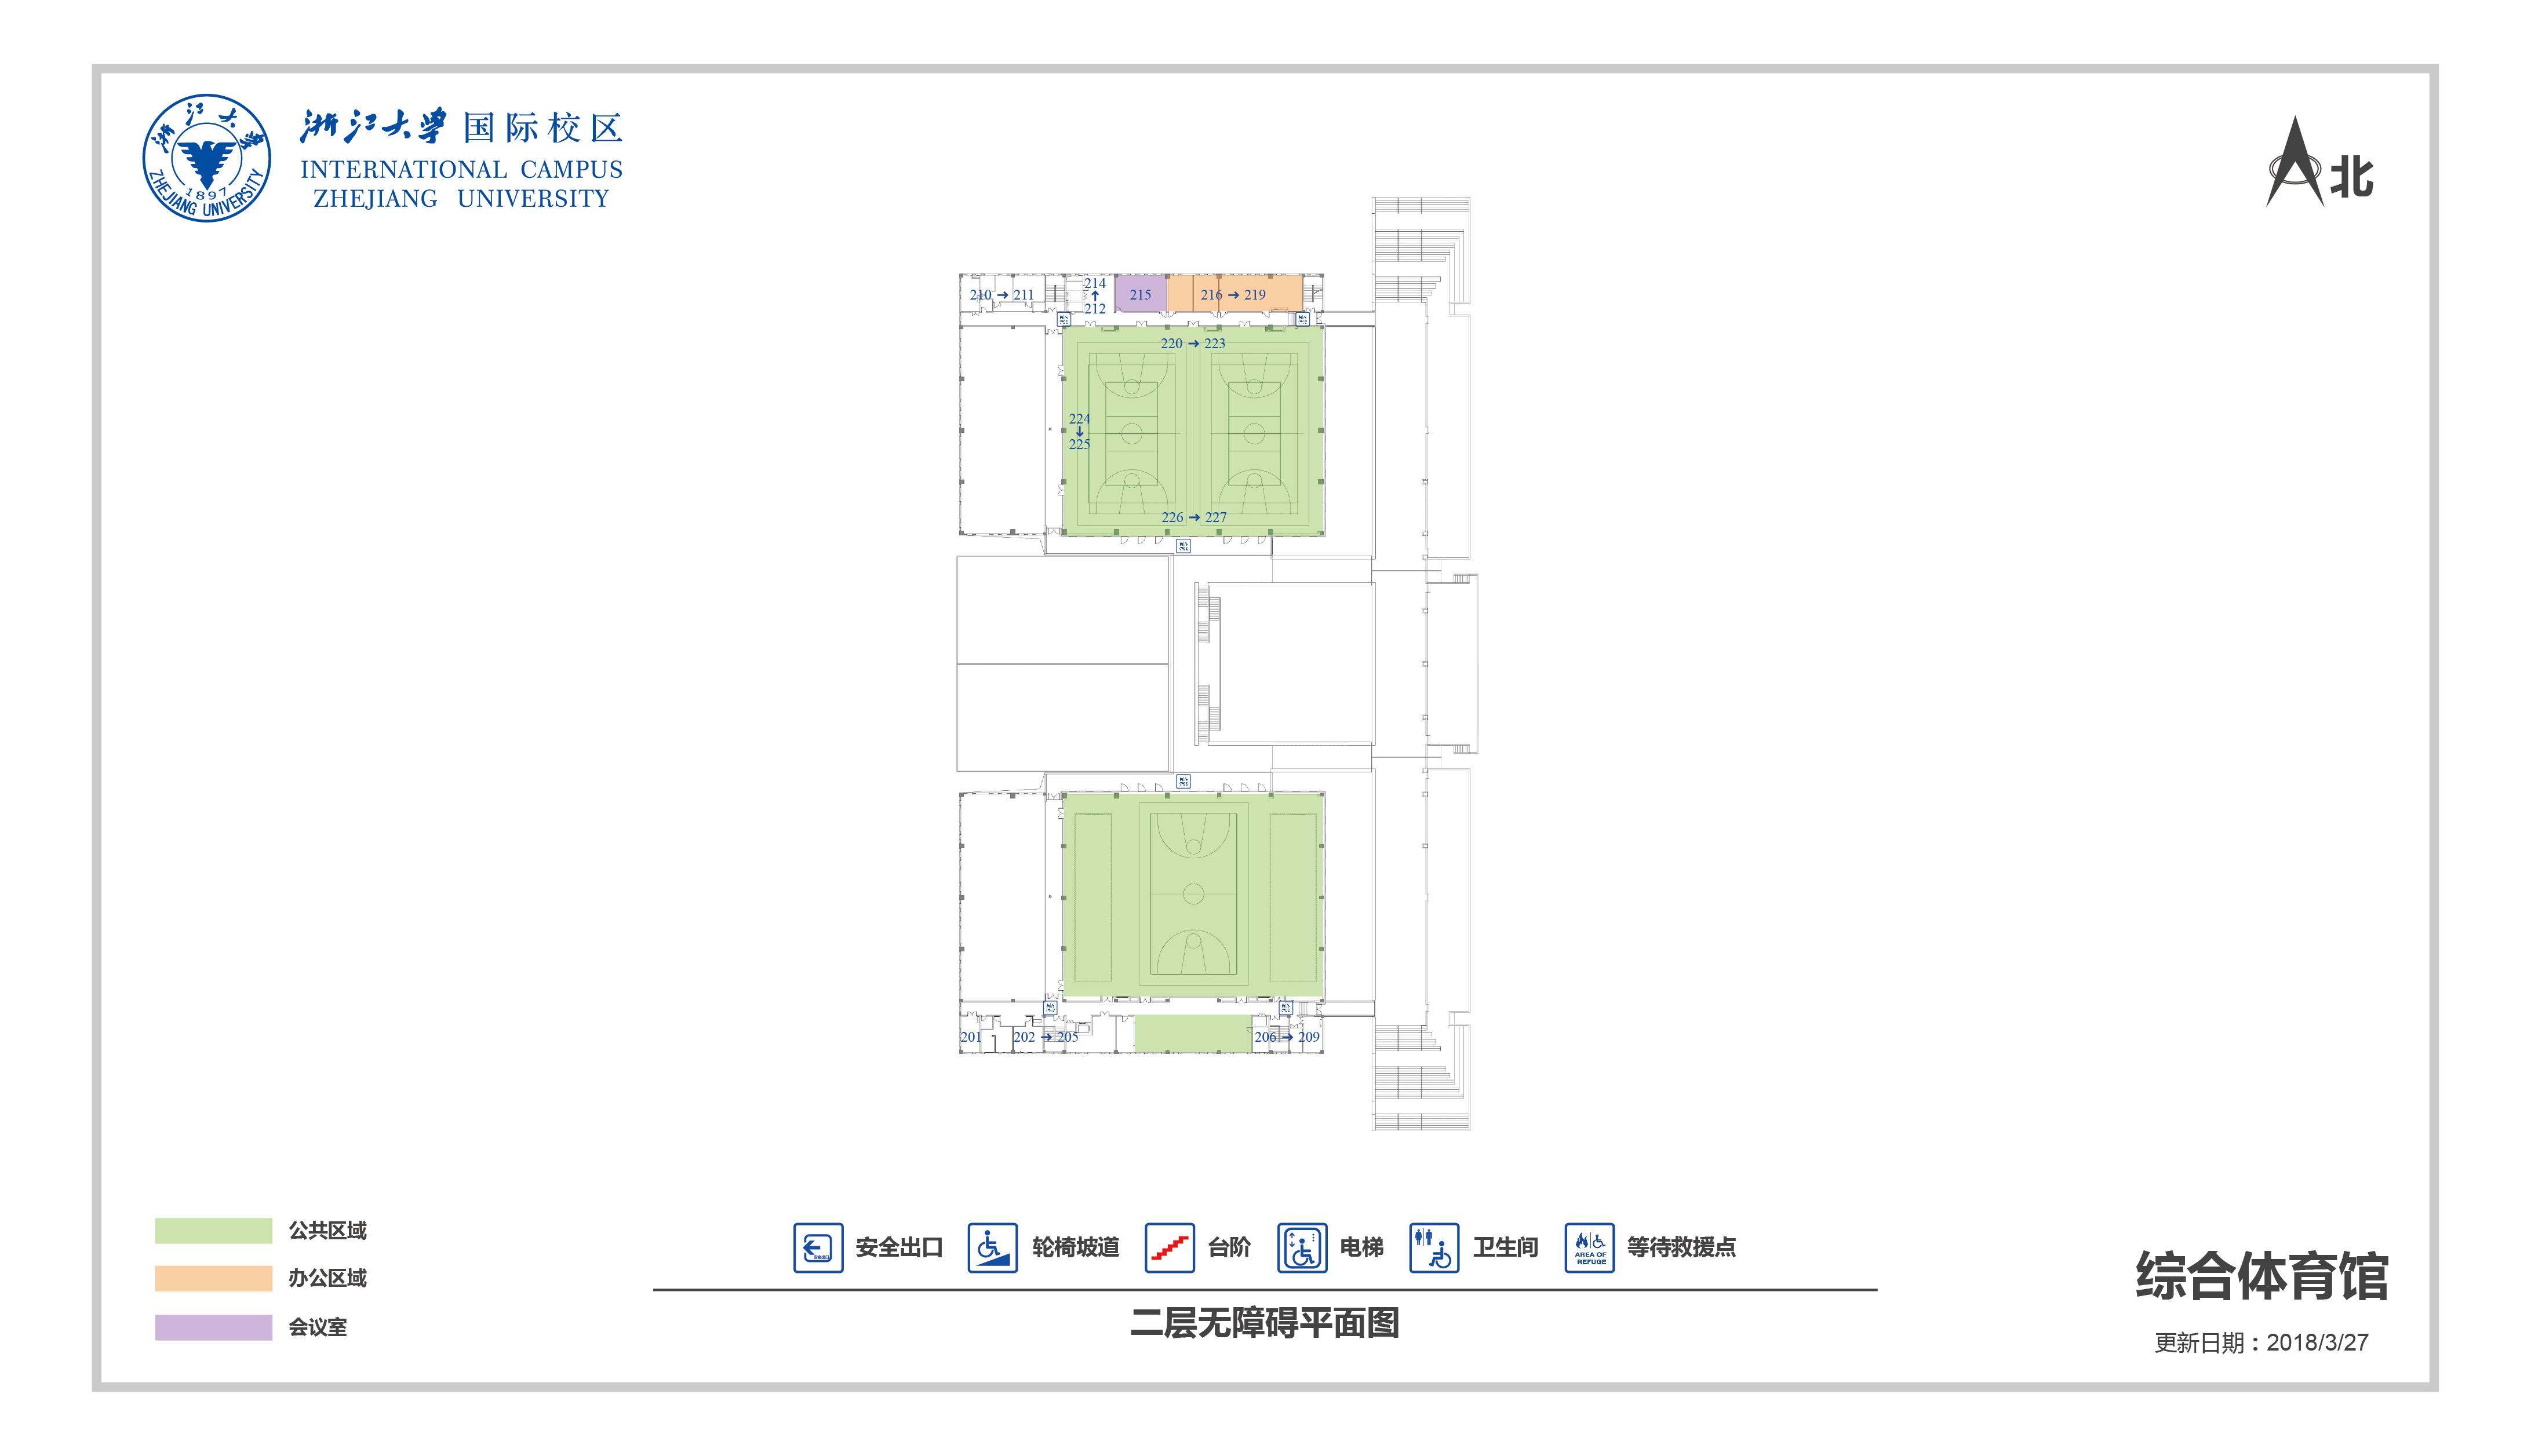 综合体育馆无障碍设施二层平面图.jpg